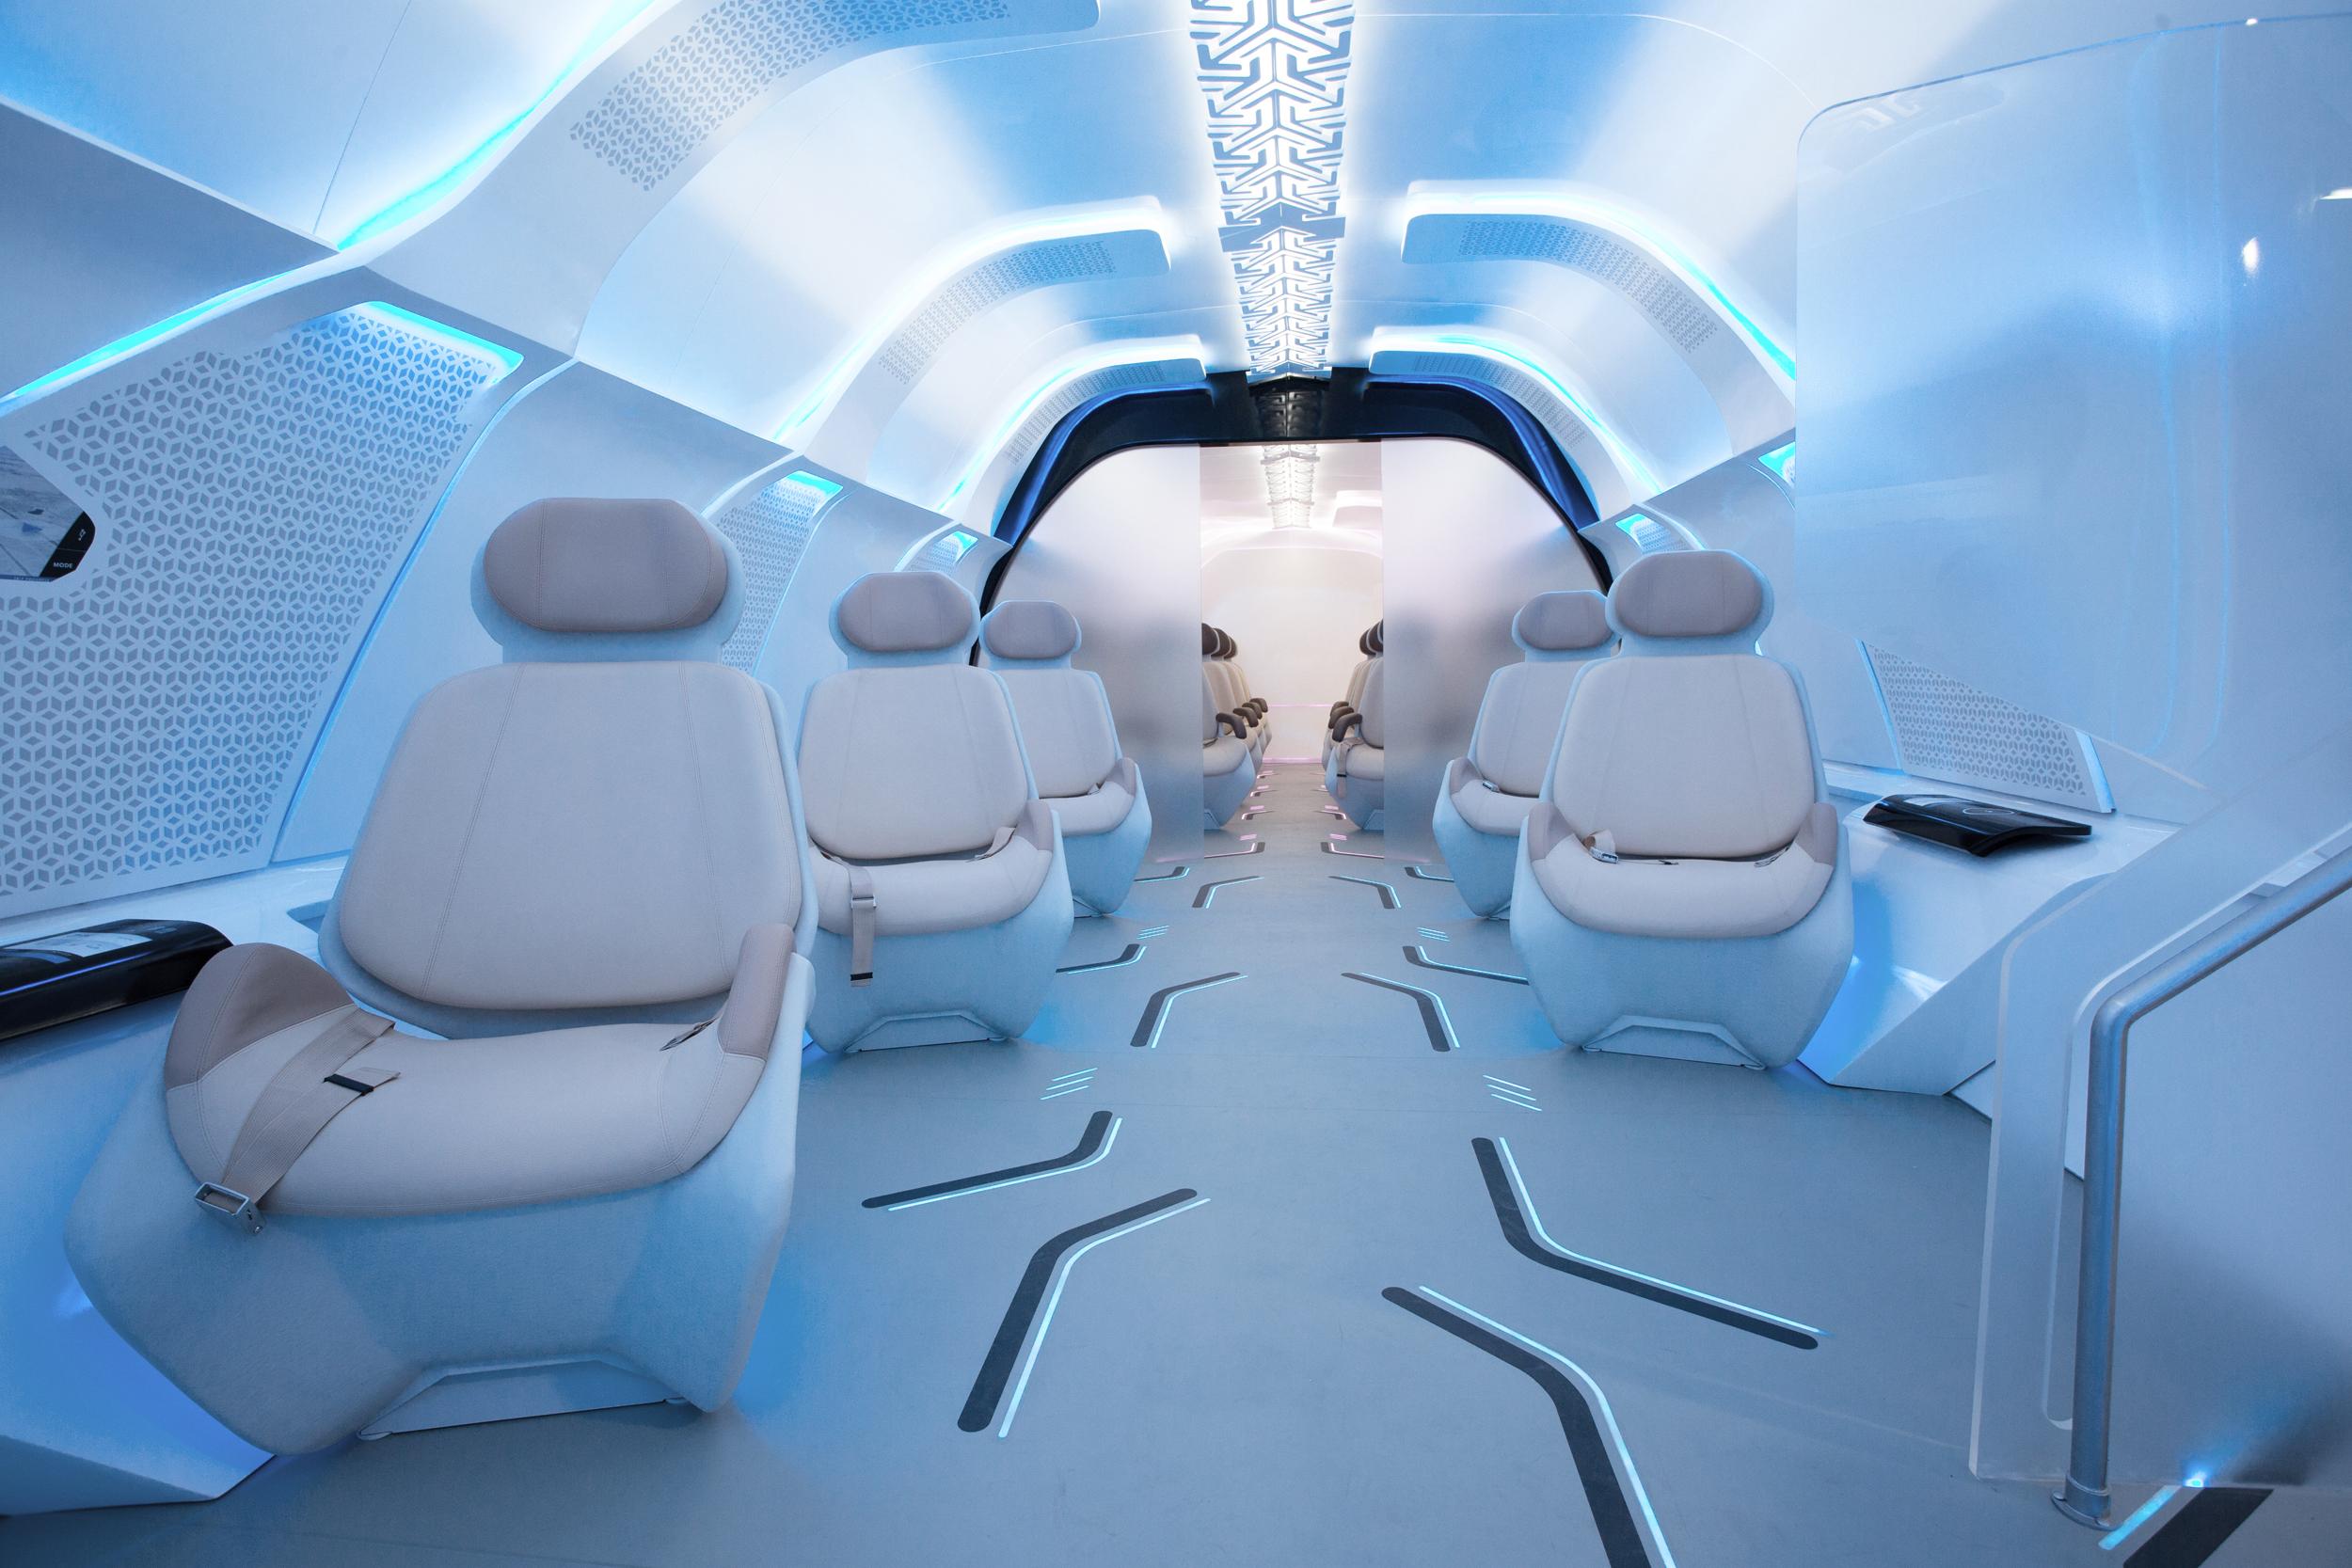 ¤ V2019 ¤ Topic Officiel - Page 5 180517-designworks-hyperloop-interior-al-1002_61ad2e7b1d2cd277c736ecef643de3a2